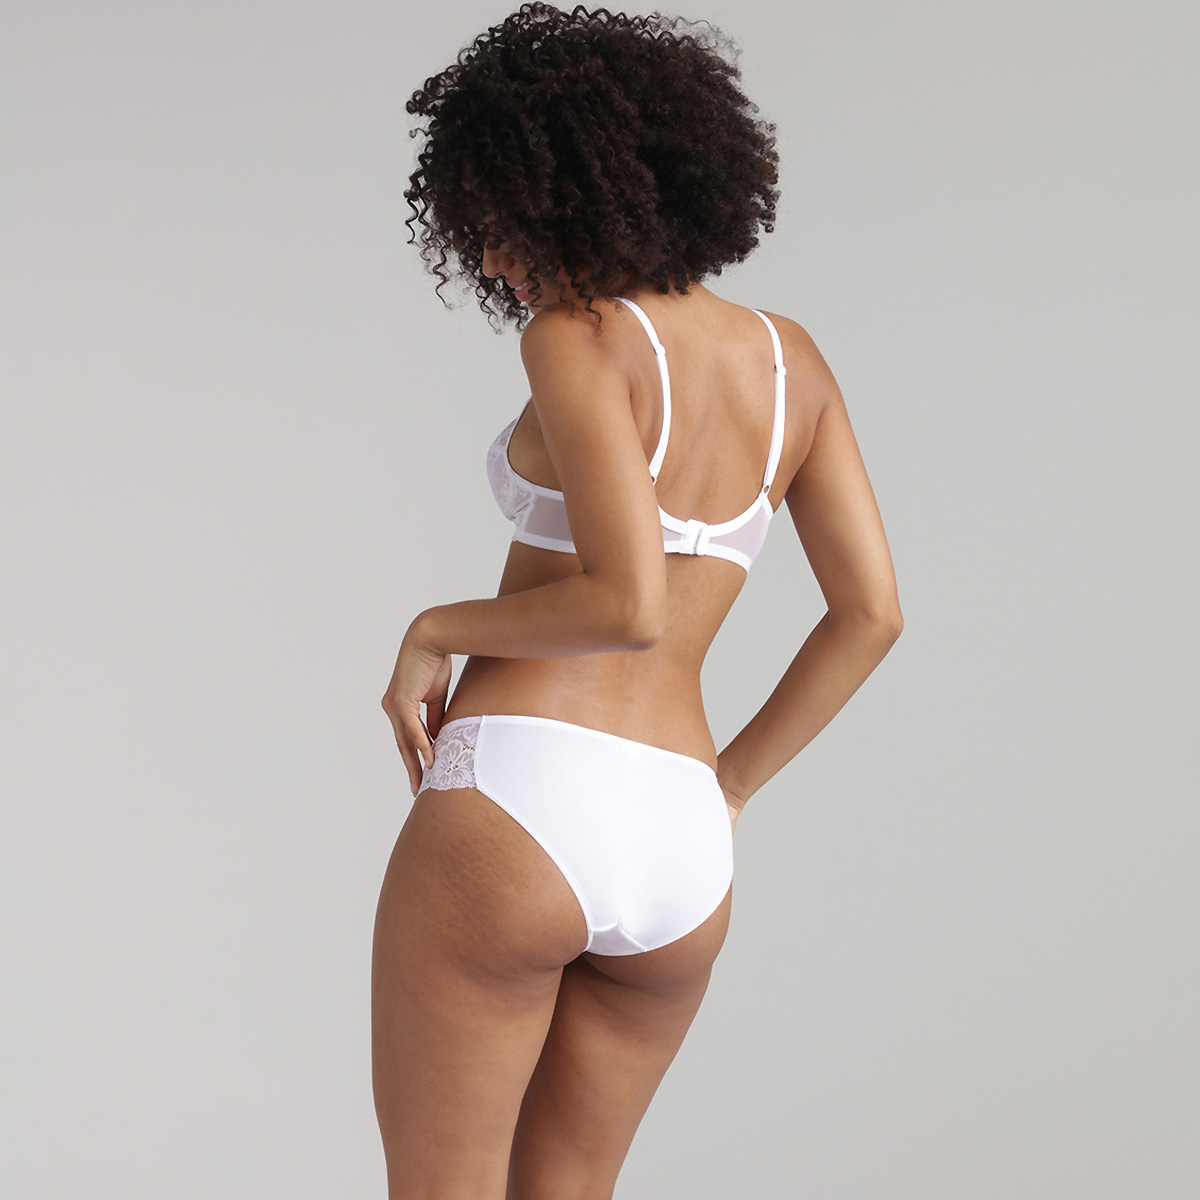 Soutien-gorge sans armatures dentelle blanc Essential Elegance, , PLAYTEX